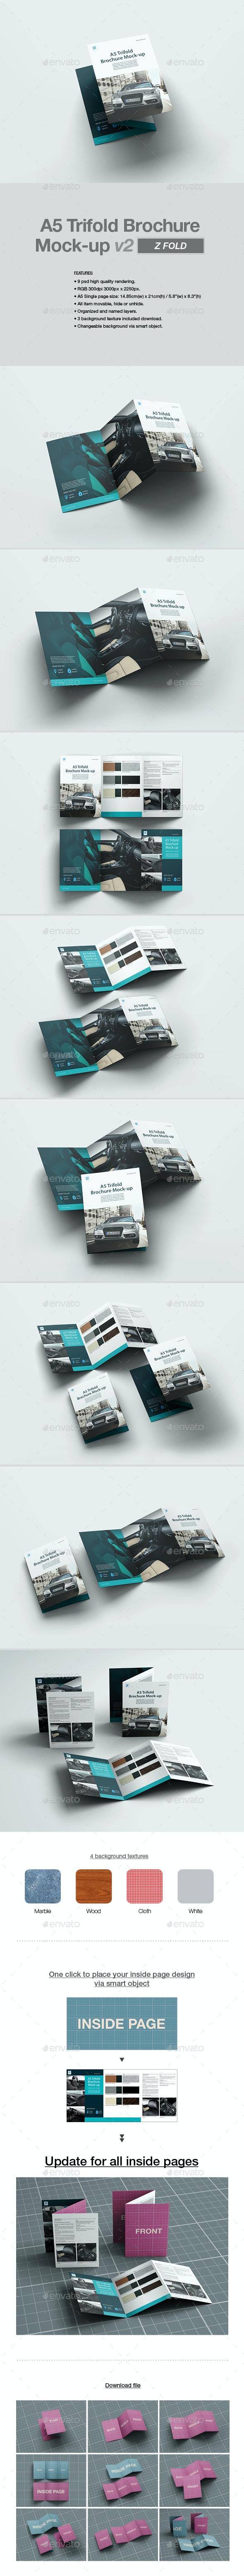 A5 Trifold Brochure Mock-up v2 - Brochures Print